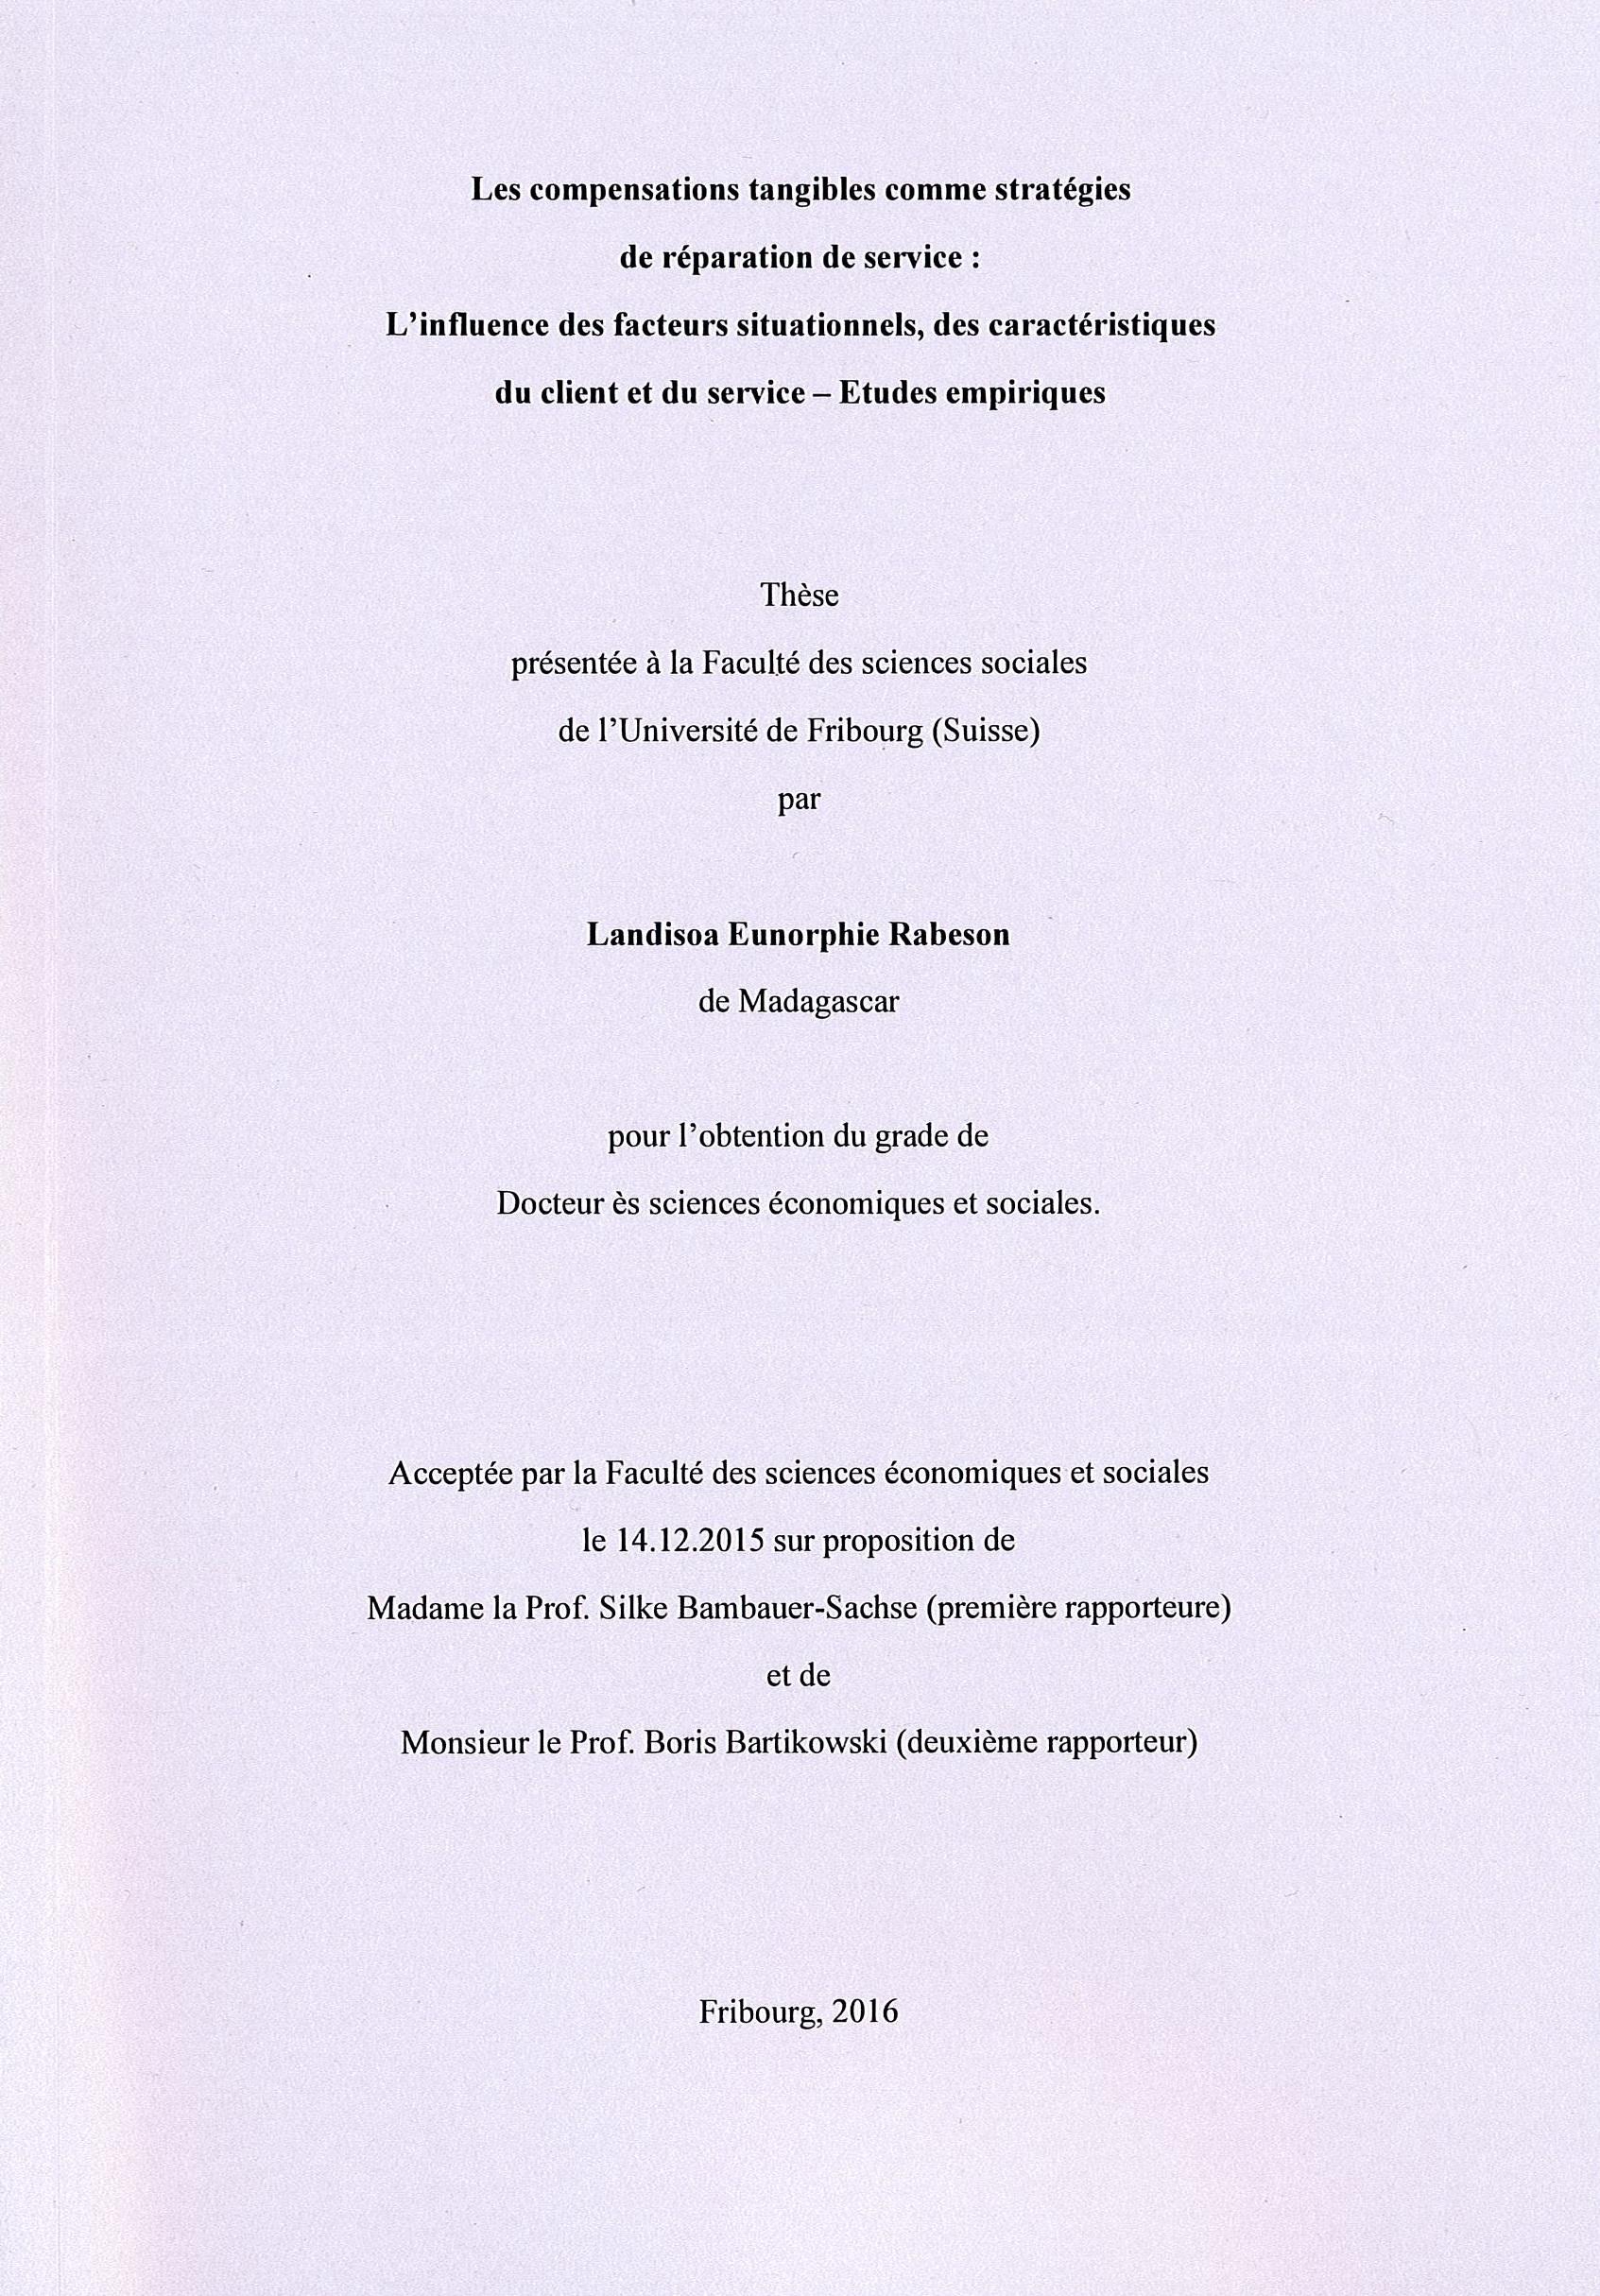 cotutelle thesis La cotutelle est une modalité de réalisation de thèses doctorales dans laquelle, de manière partagée, la thèse se réalise sous la supervision d'un directeur.